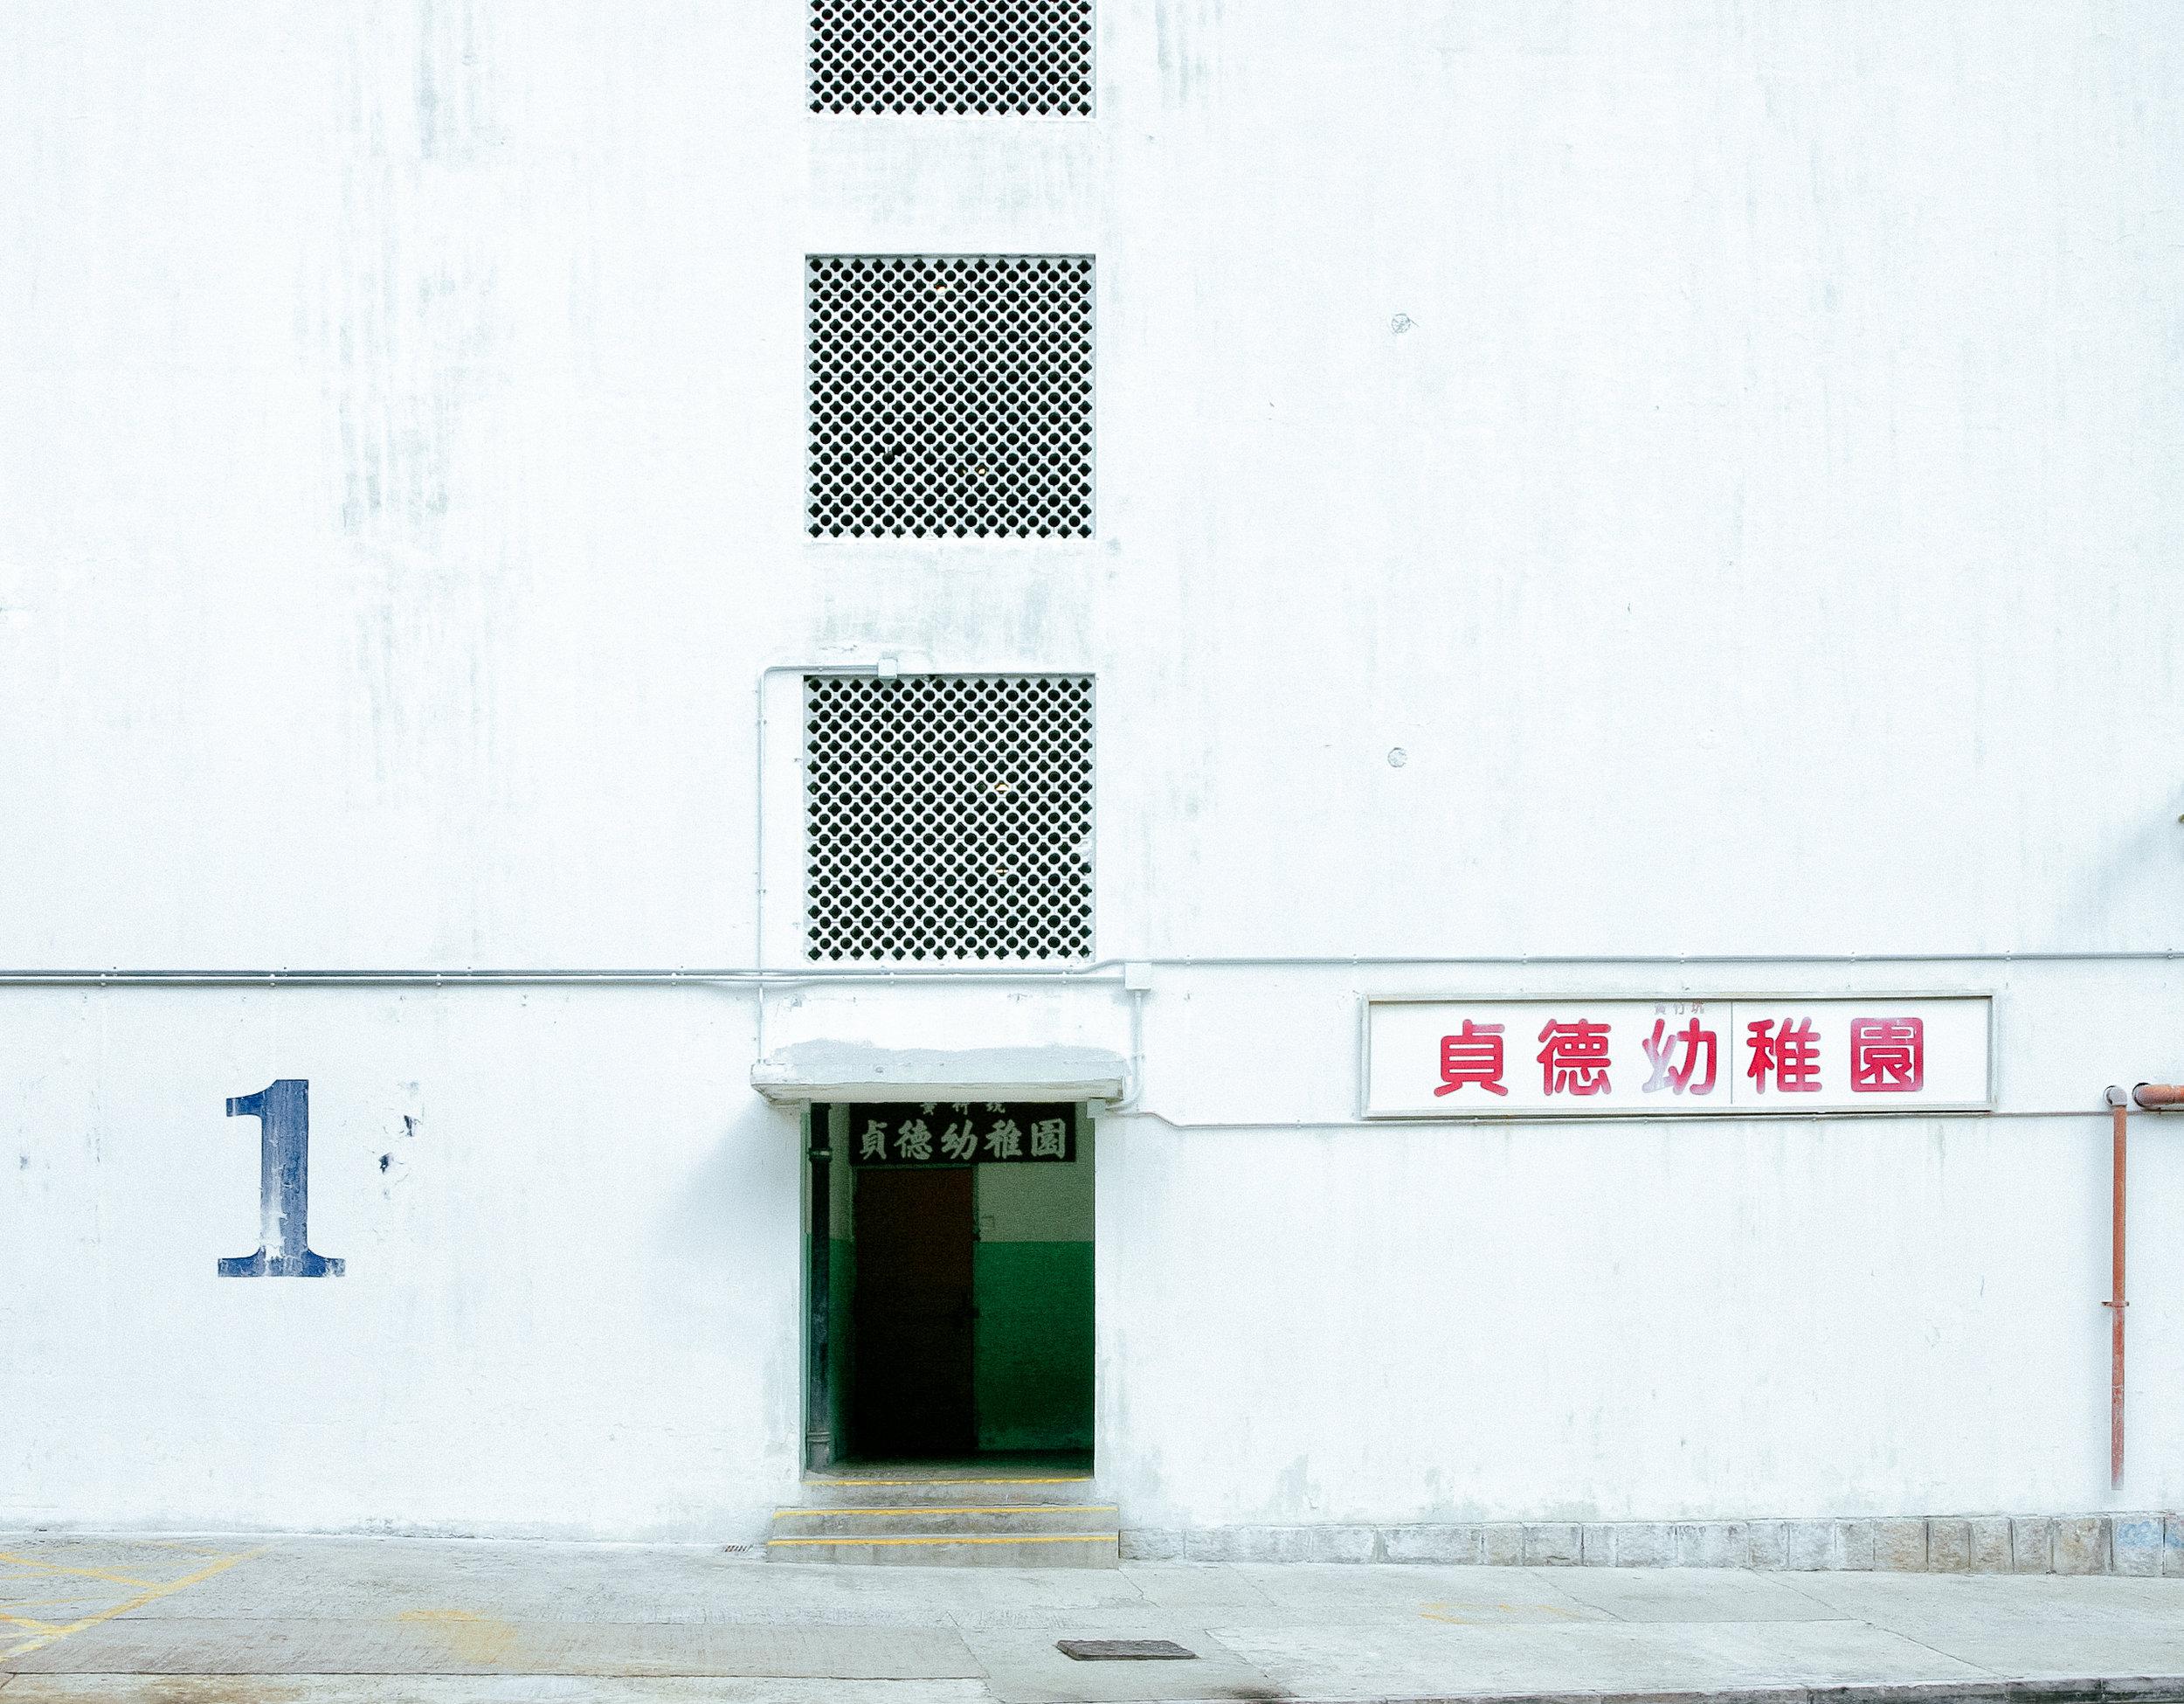 ©William Leung